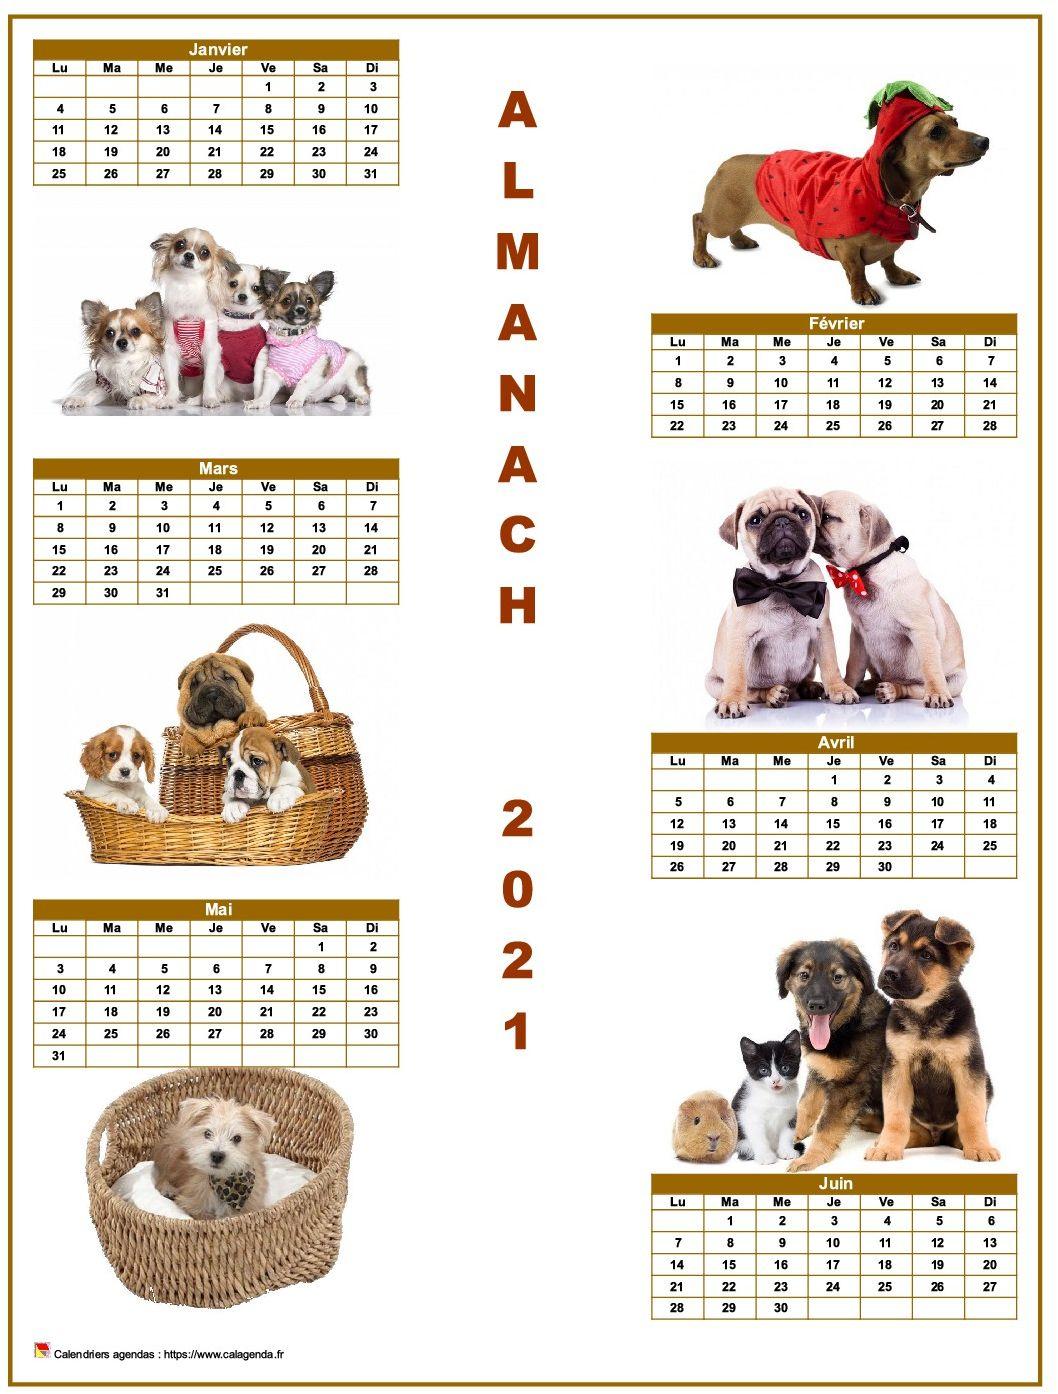 Calendrier 2021 semestriel chiens format portrait